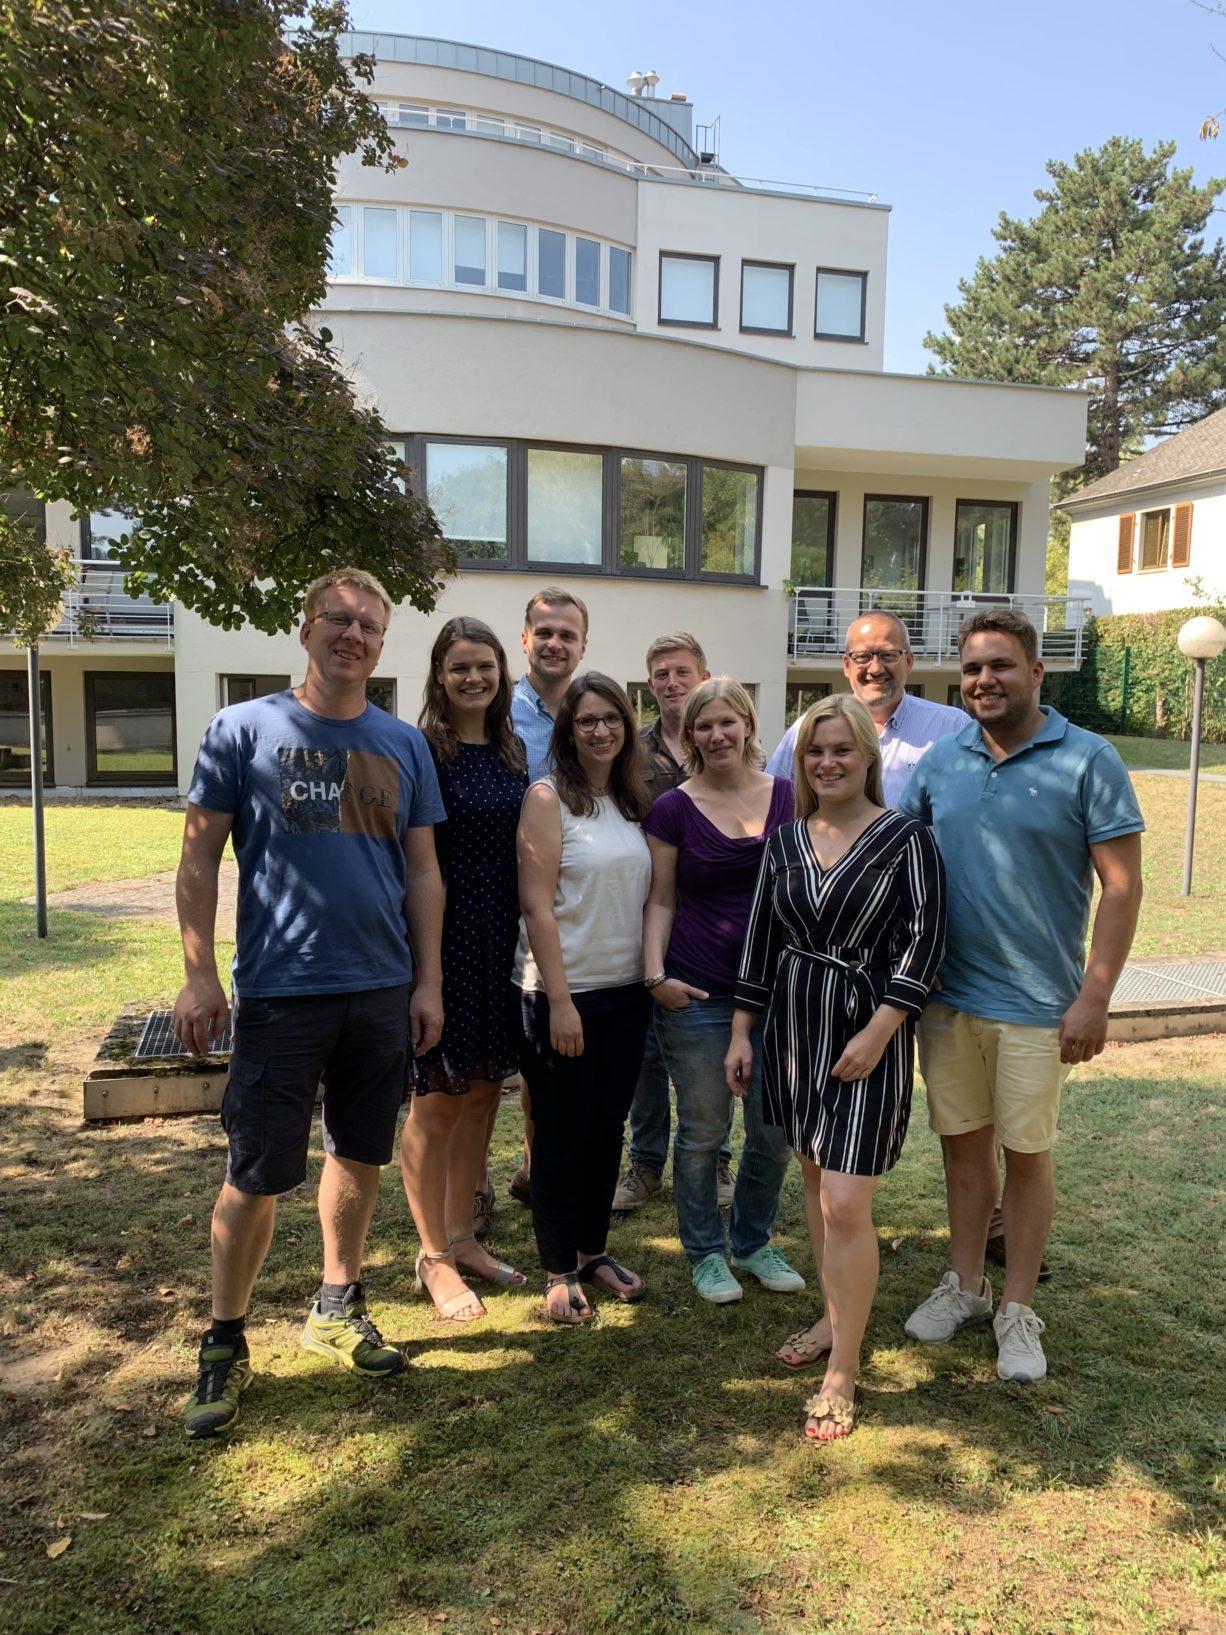 Vorstand des Freundeskreis der Altfredeburger e.V. (Sommer 2019)